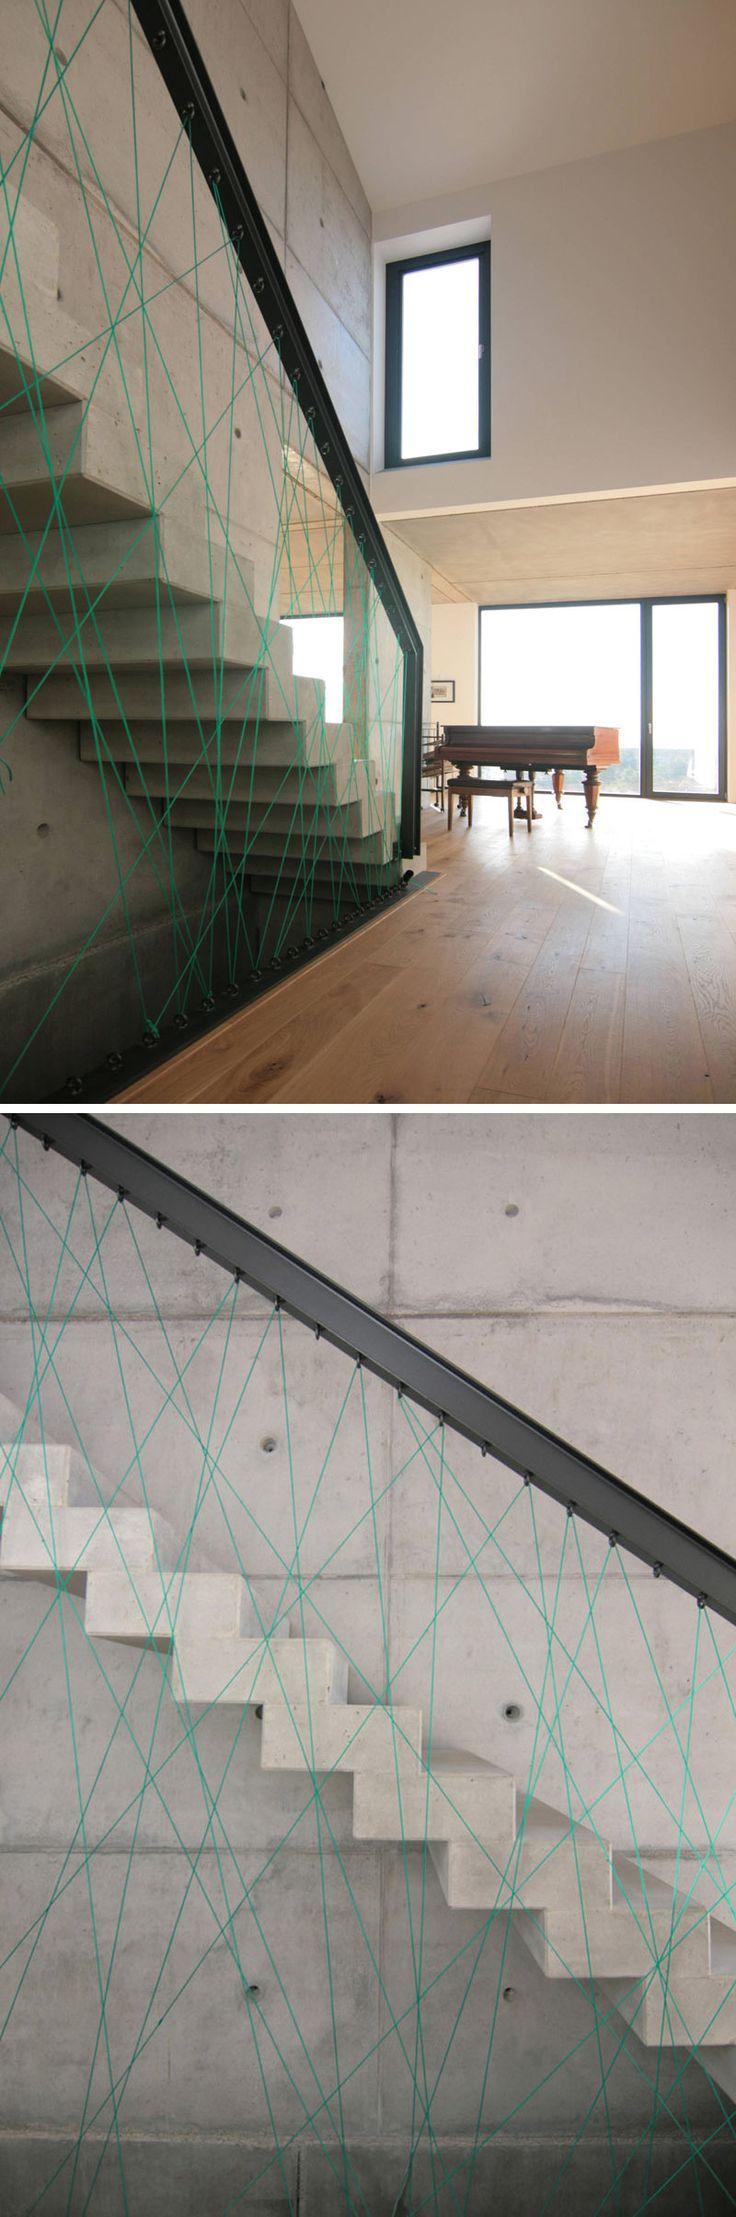 originales barandillas de cuerdas pensadas para escaleras modernas